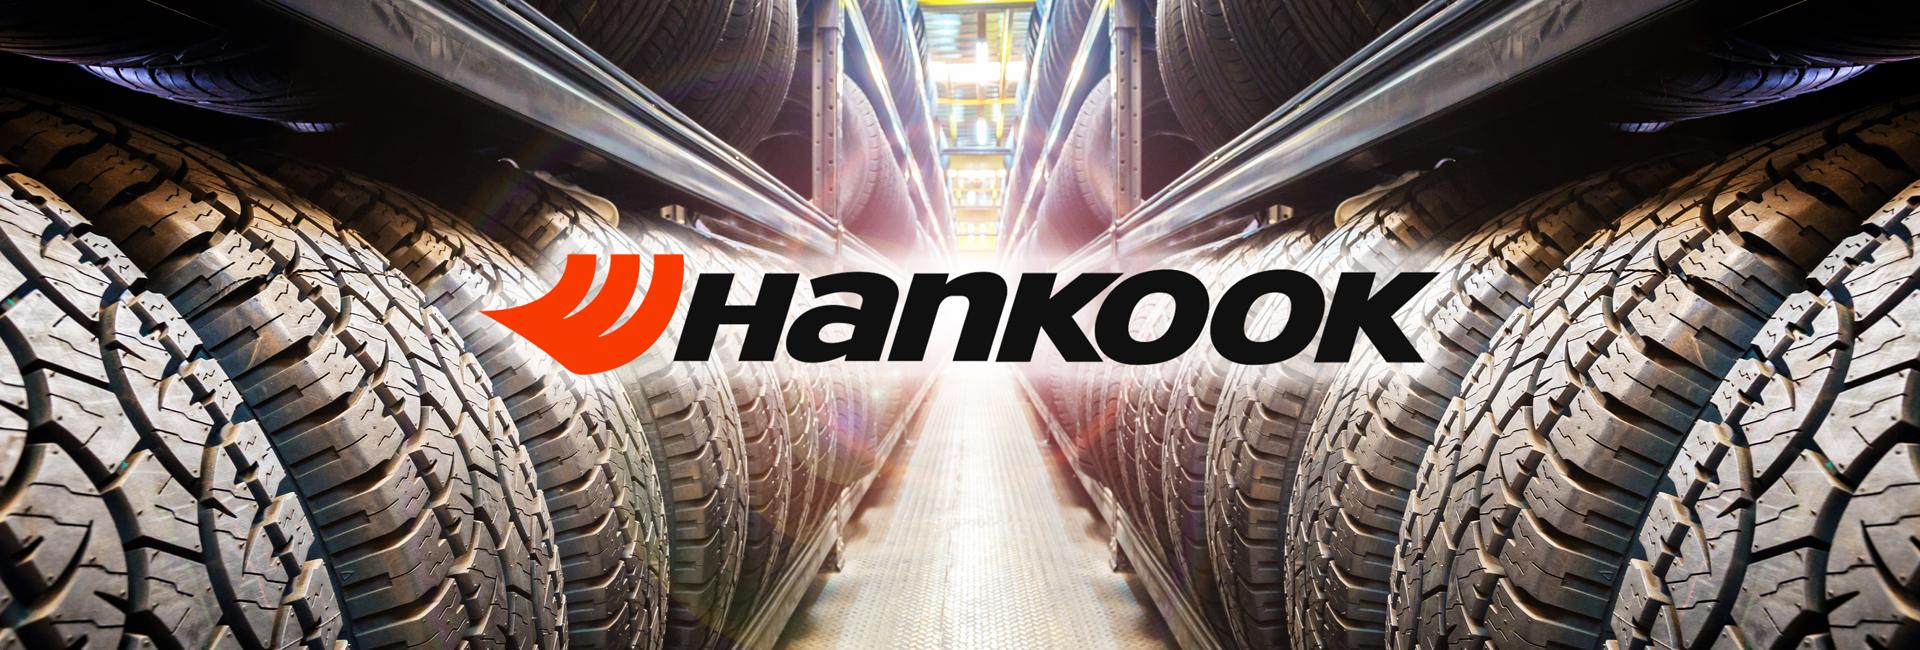 hankook-1